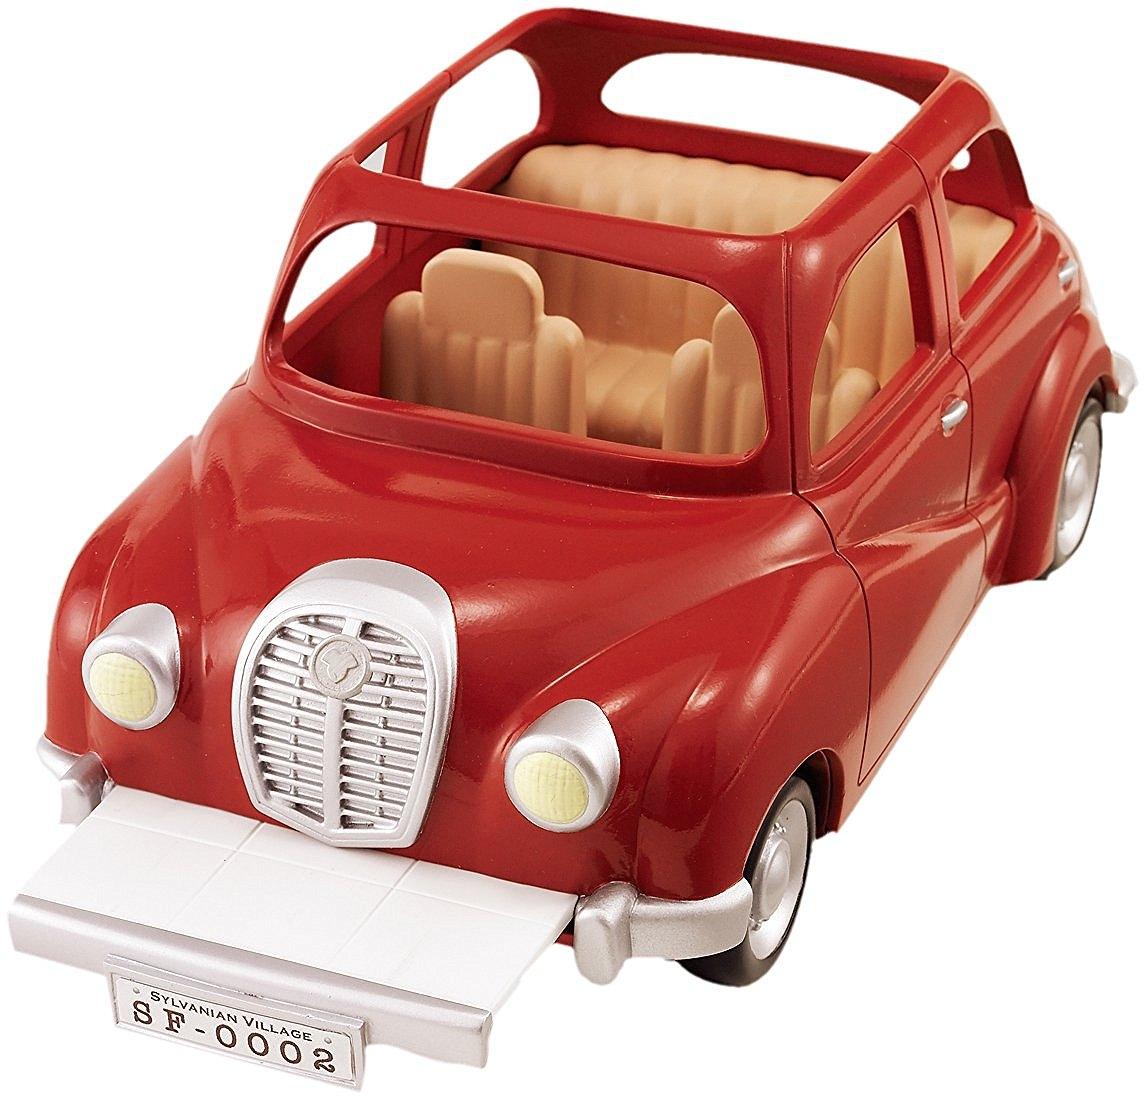 Игровой набор Sylvanian Families Семейный автомобиль (красный)